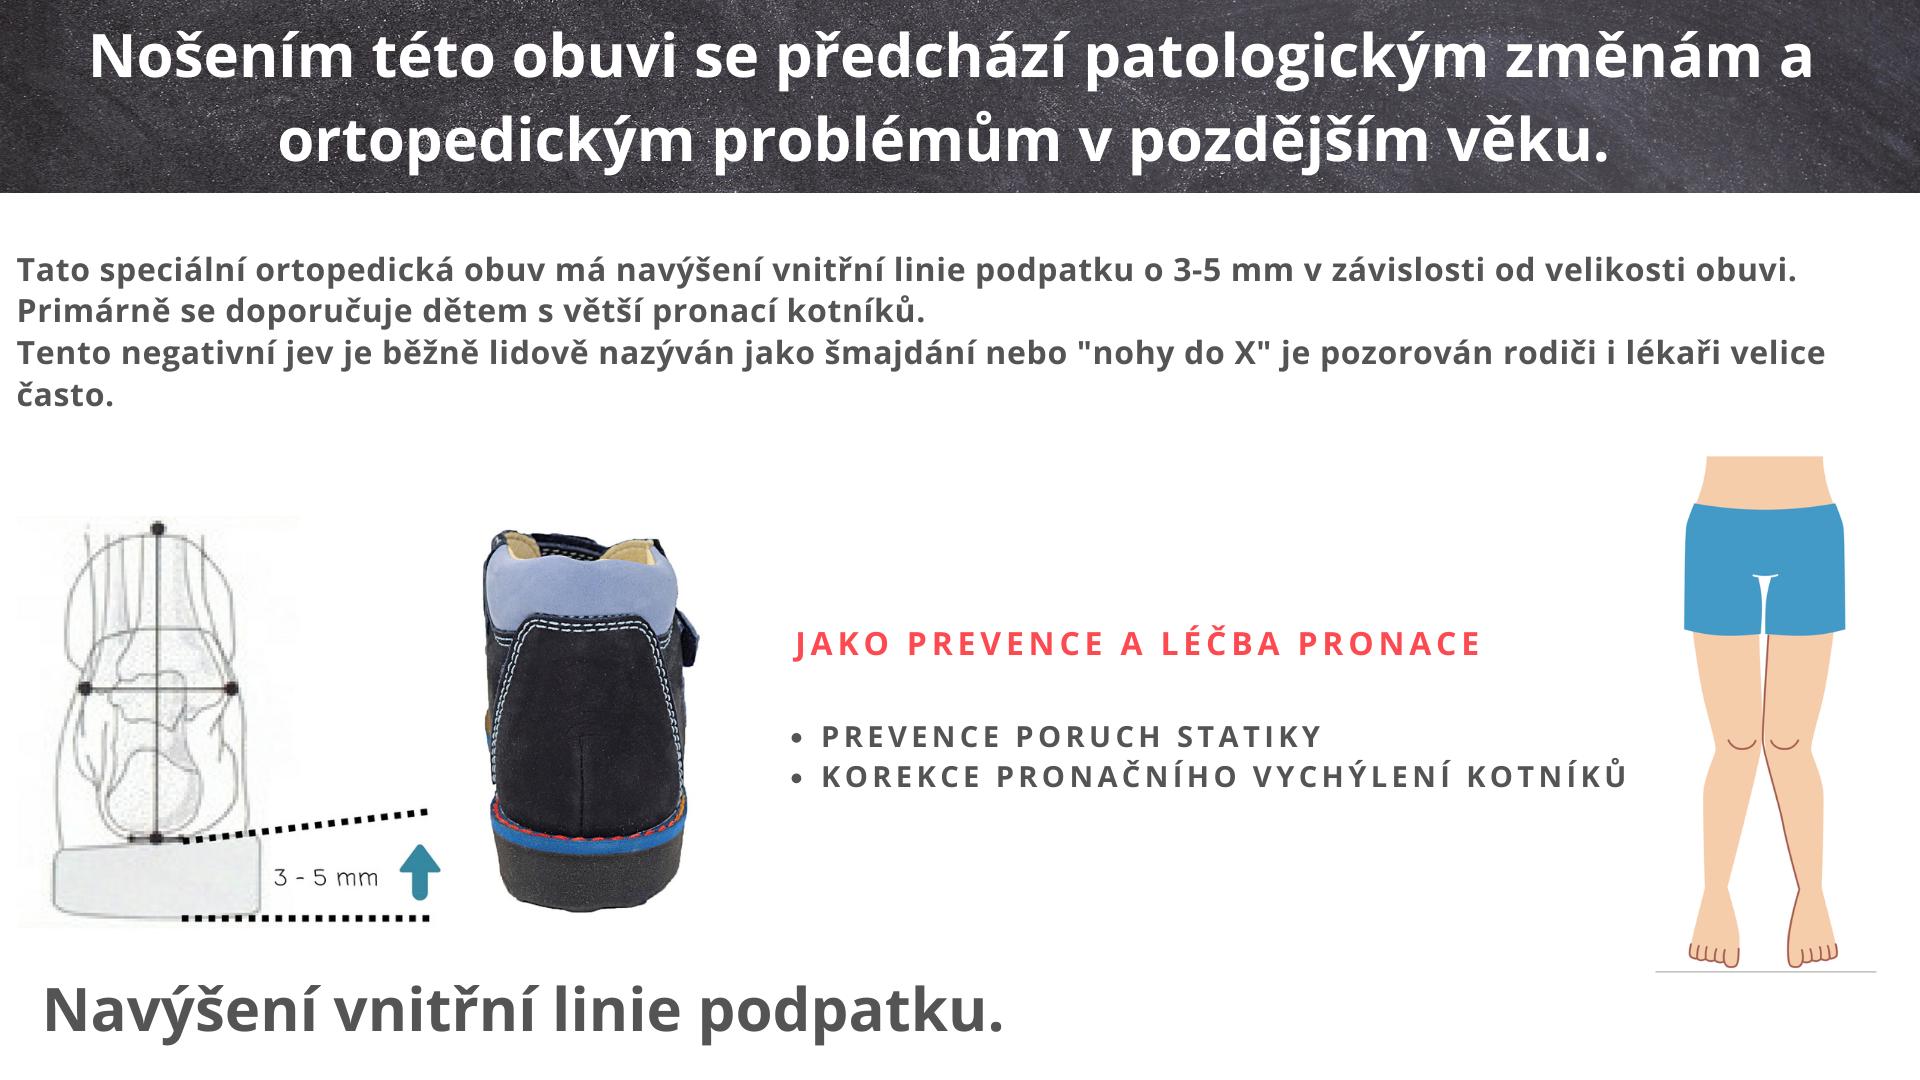 dětská zdravotní obuv na pronaci kotníků, šmajdání